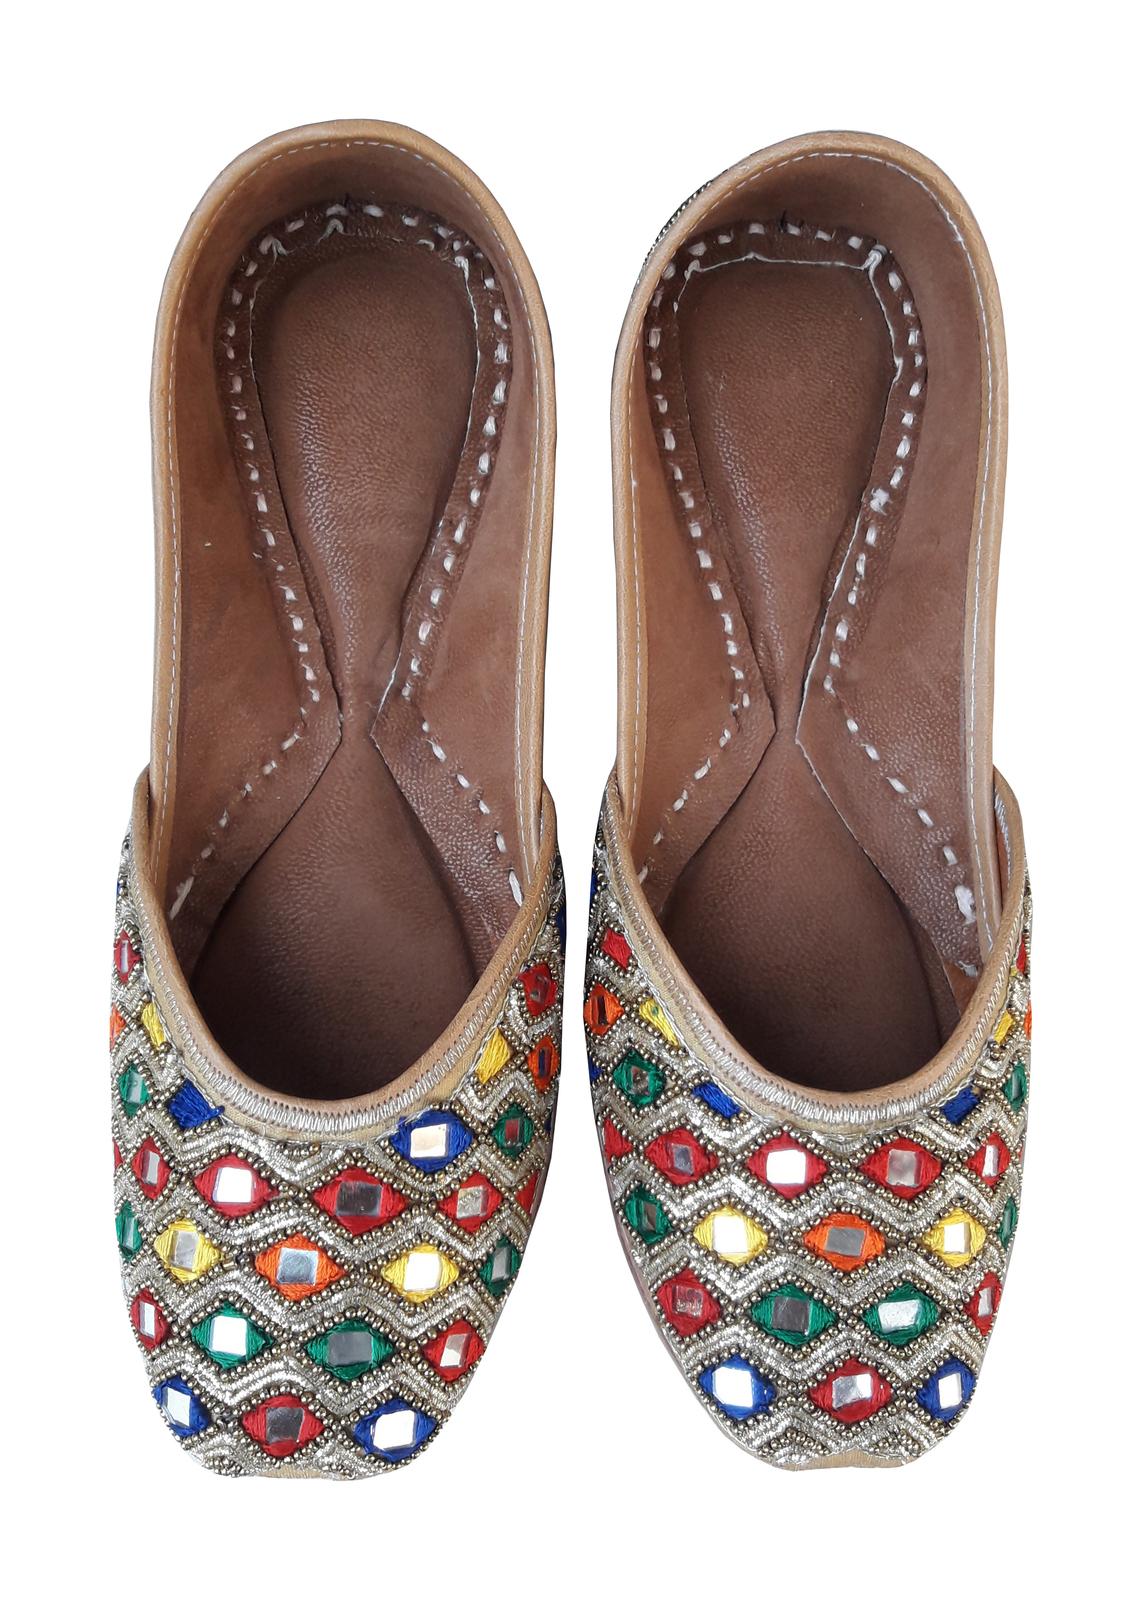 punjabi jutti khussa shoes bridal shoes , flip flops jooti sandal slipper USA-7 - $29.99